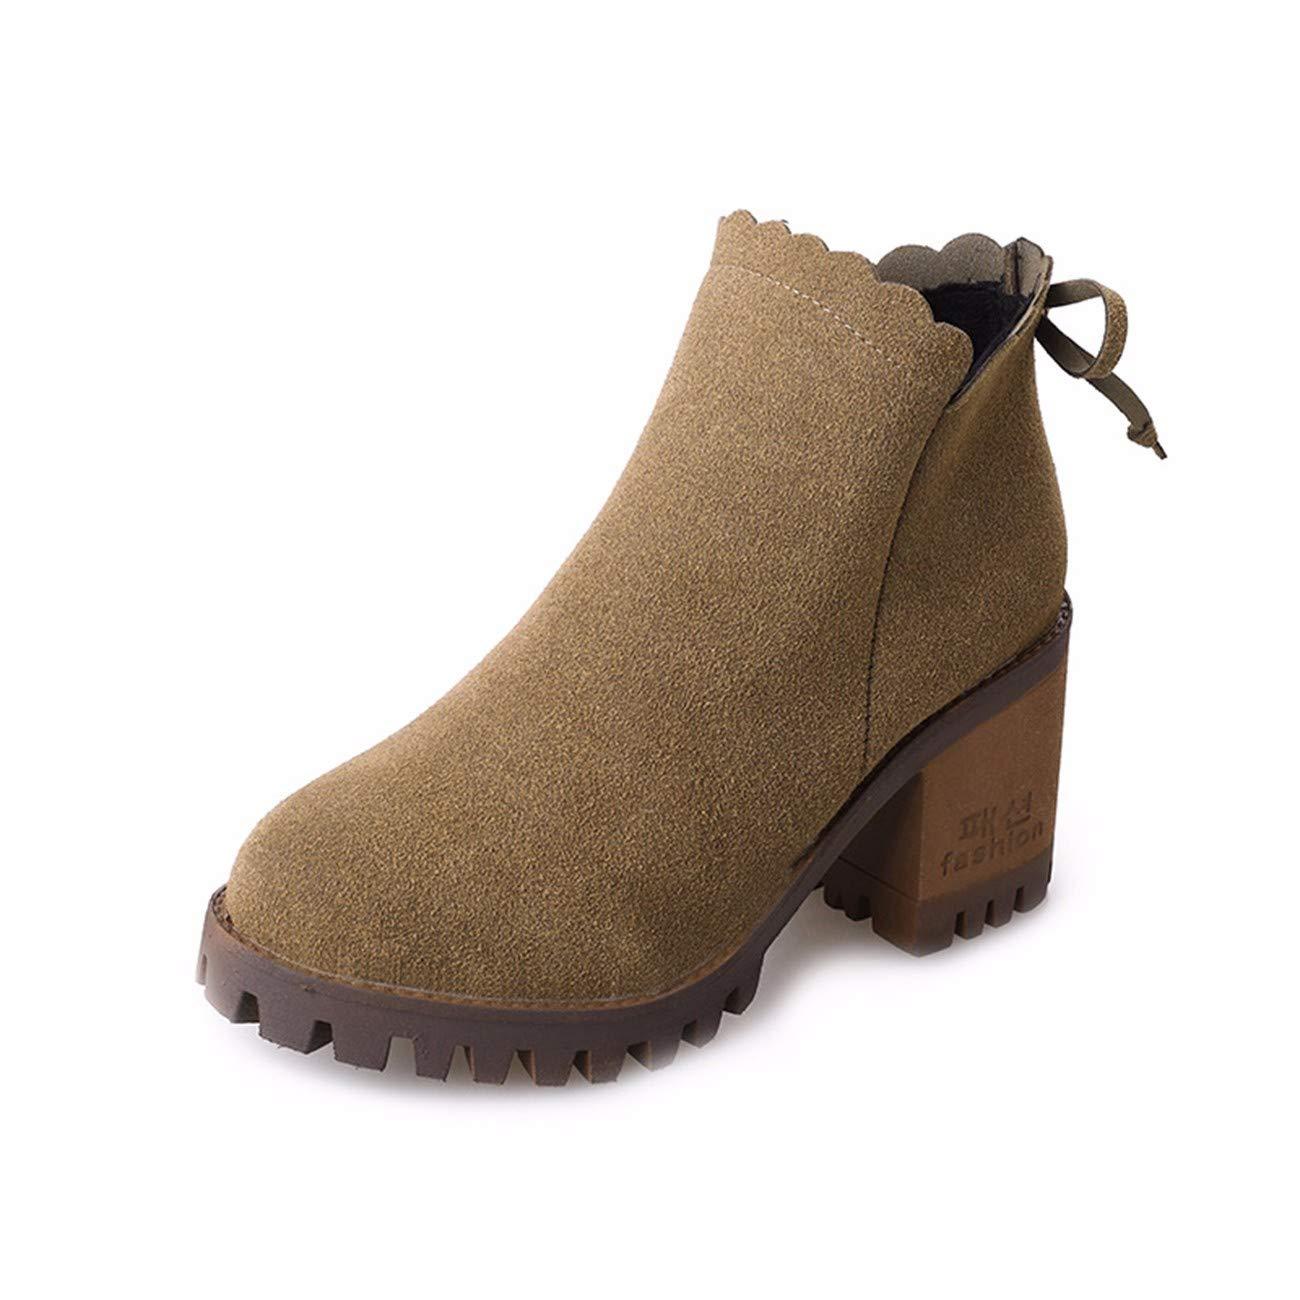 QPGGP-Stiefel Runde Kopf Hochhackigen Schuhe Herbst - Winter - Stiefel Frauen - Stiefel Sind Warm Und Anti-Skid.